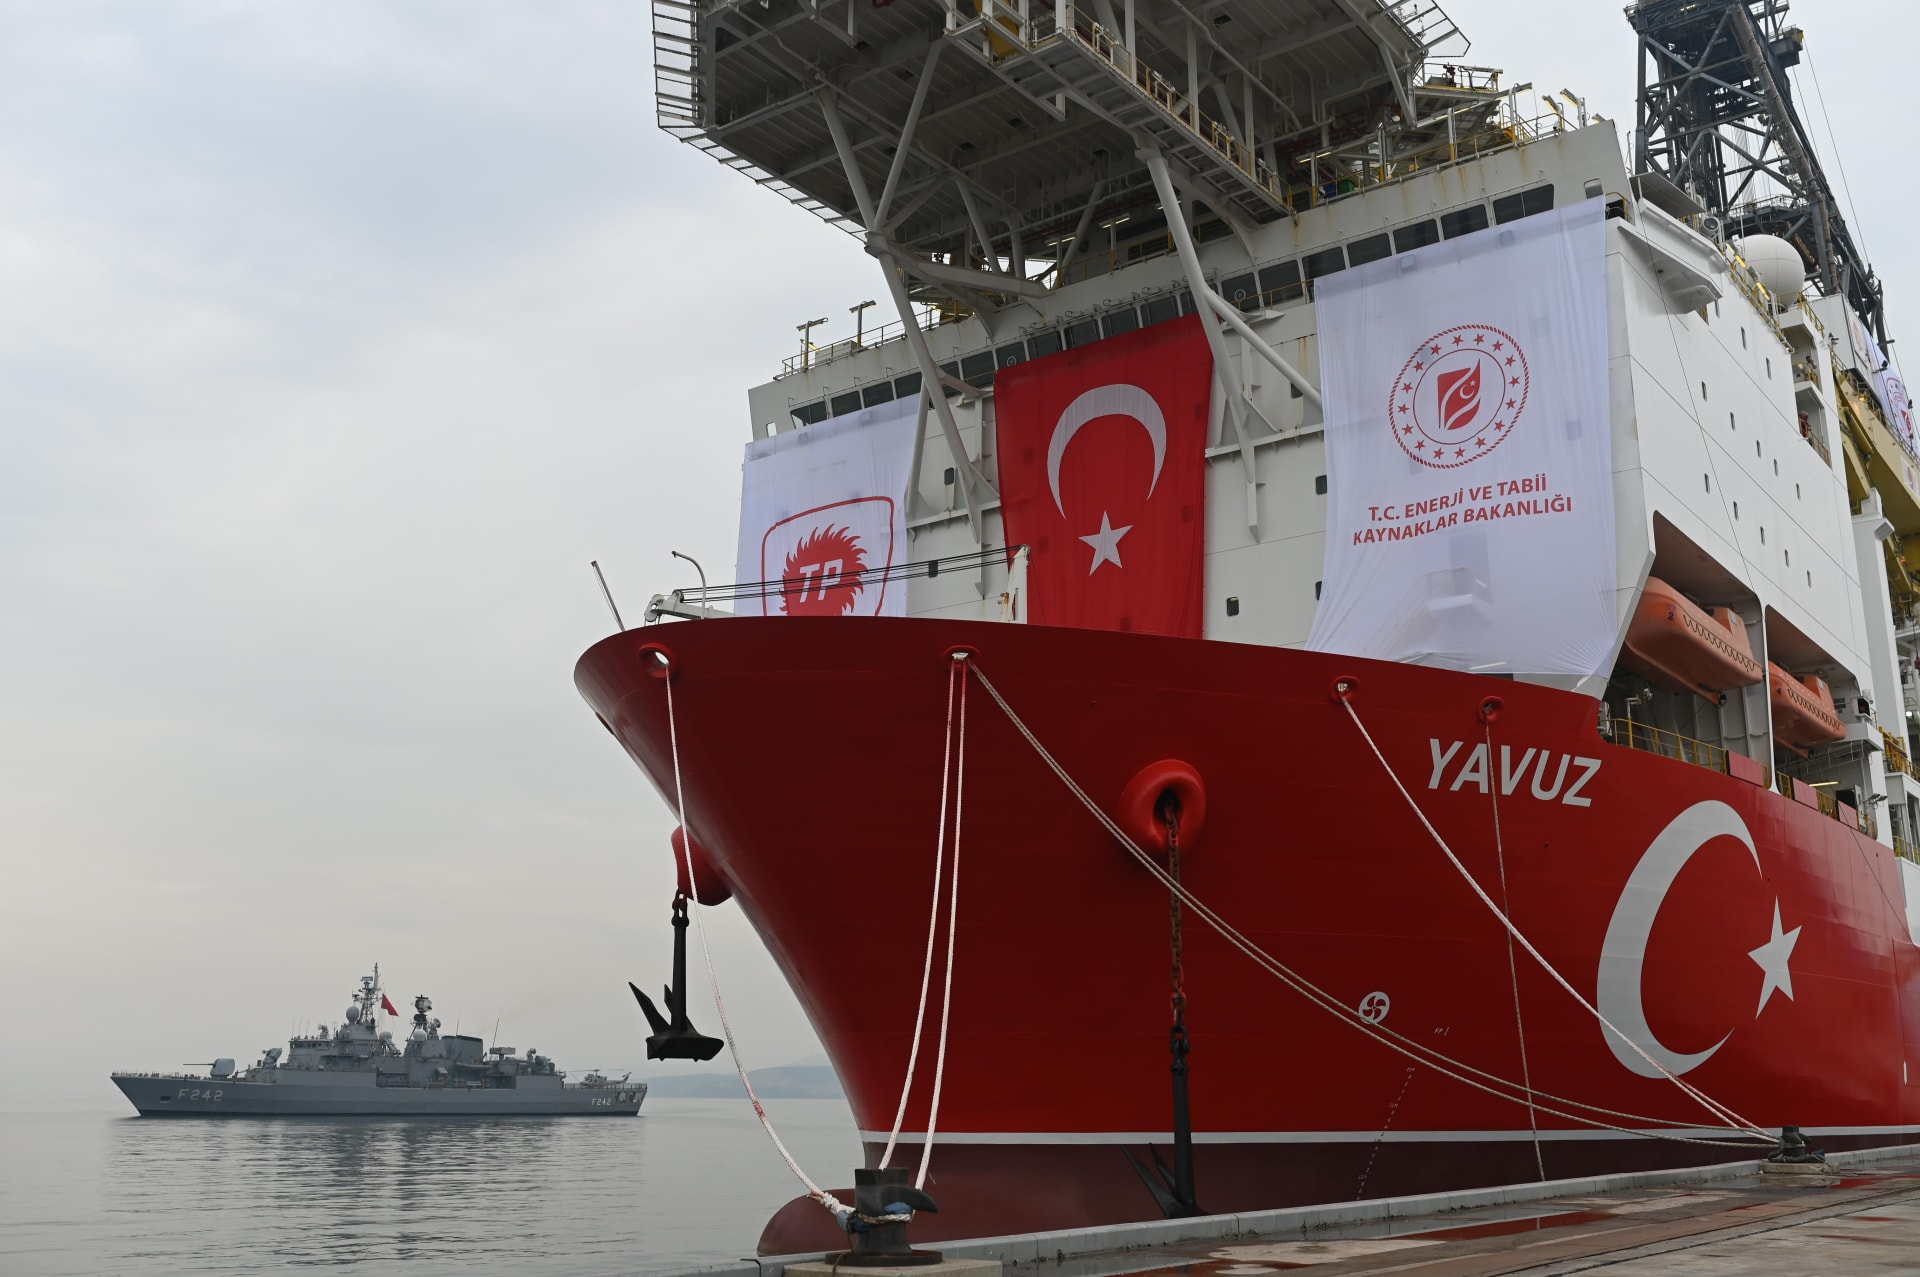 الاتحاد الأوروبي يدعو تركيا لوقف التنقيب في منطقة بحرية رسمت حدودها قبرص ومصر